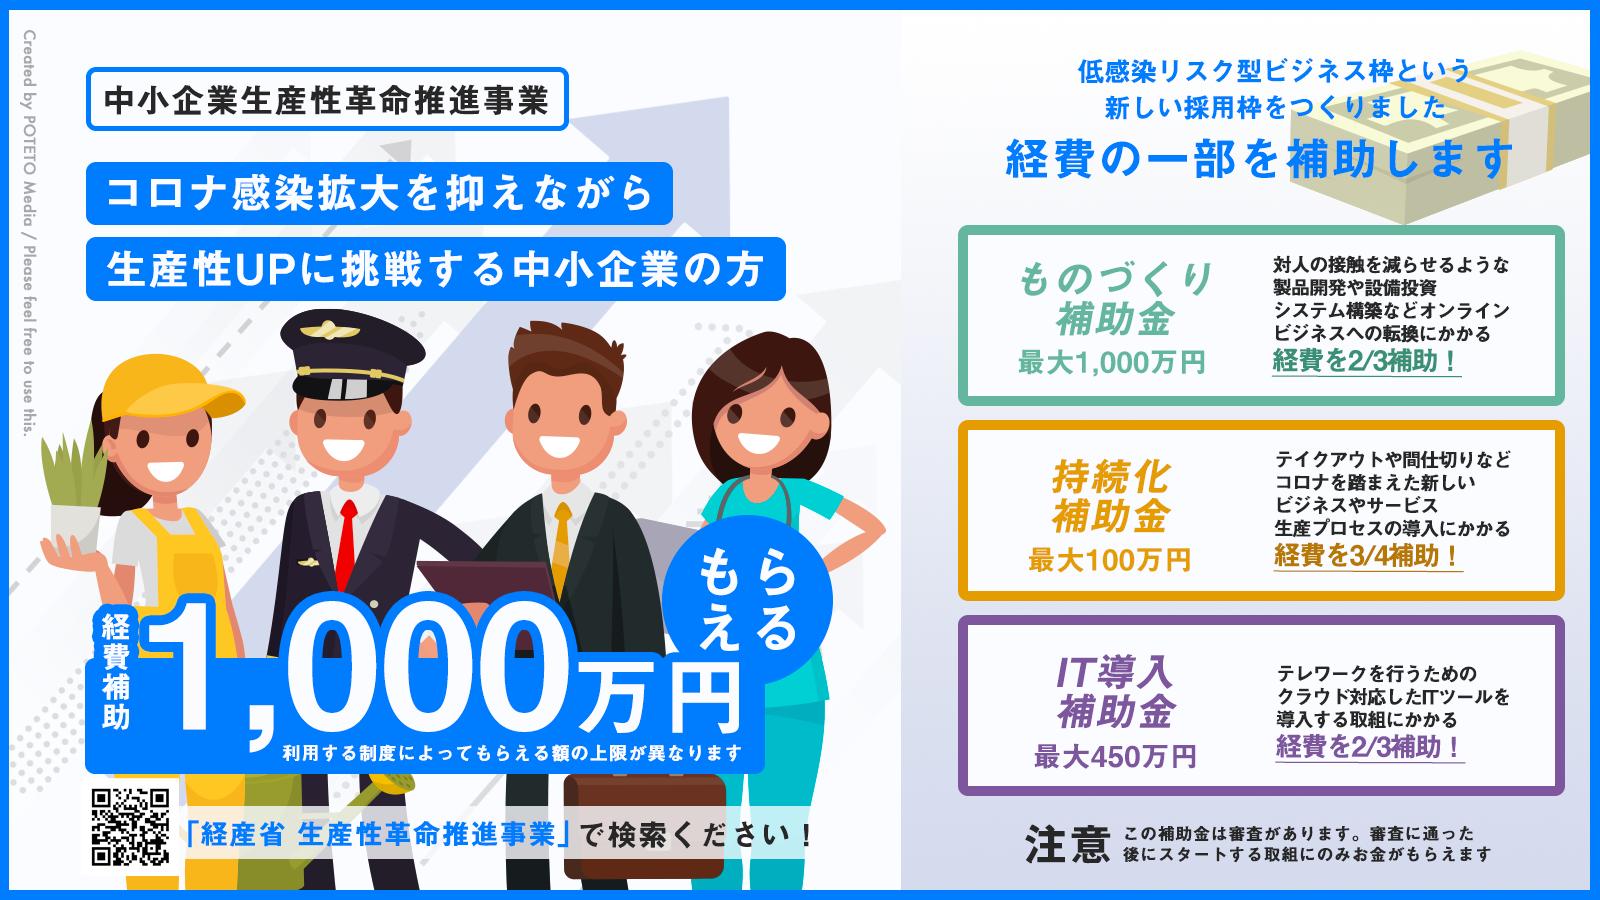 生産性革命推進事業_その2.png